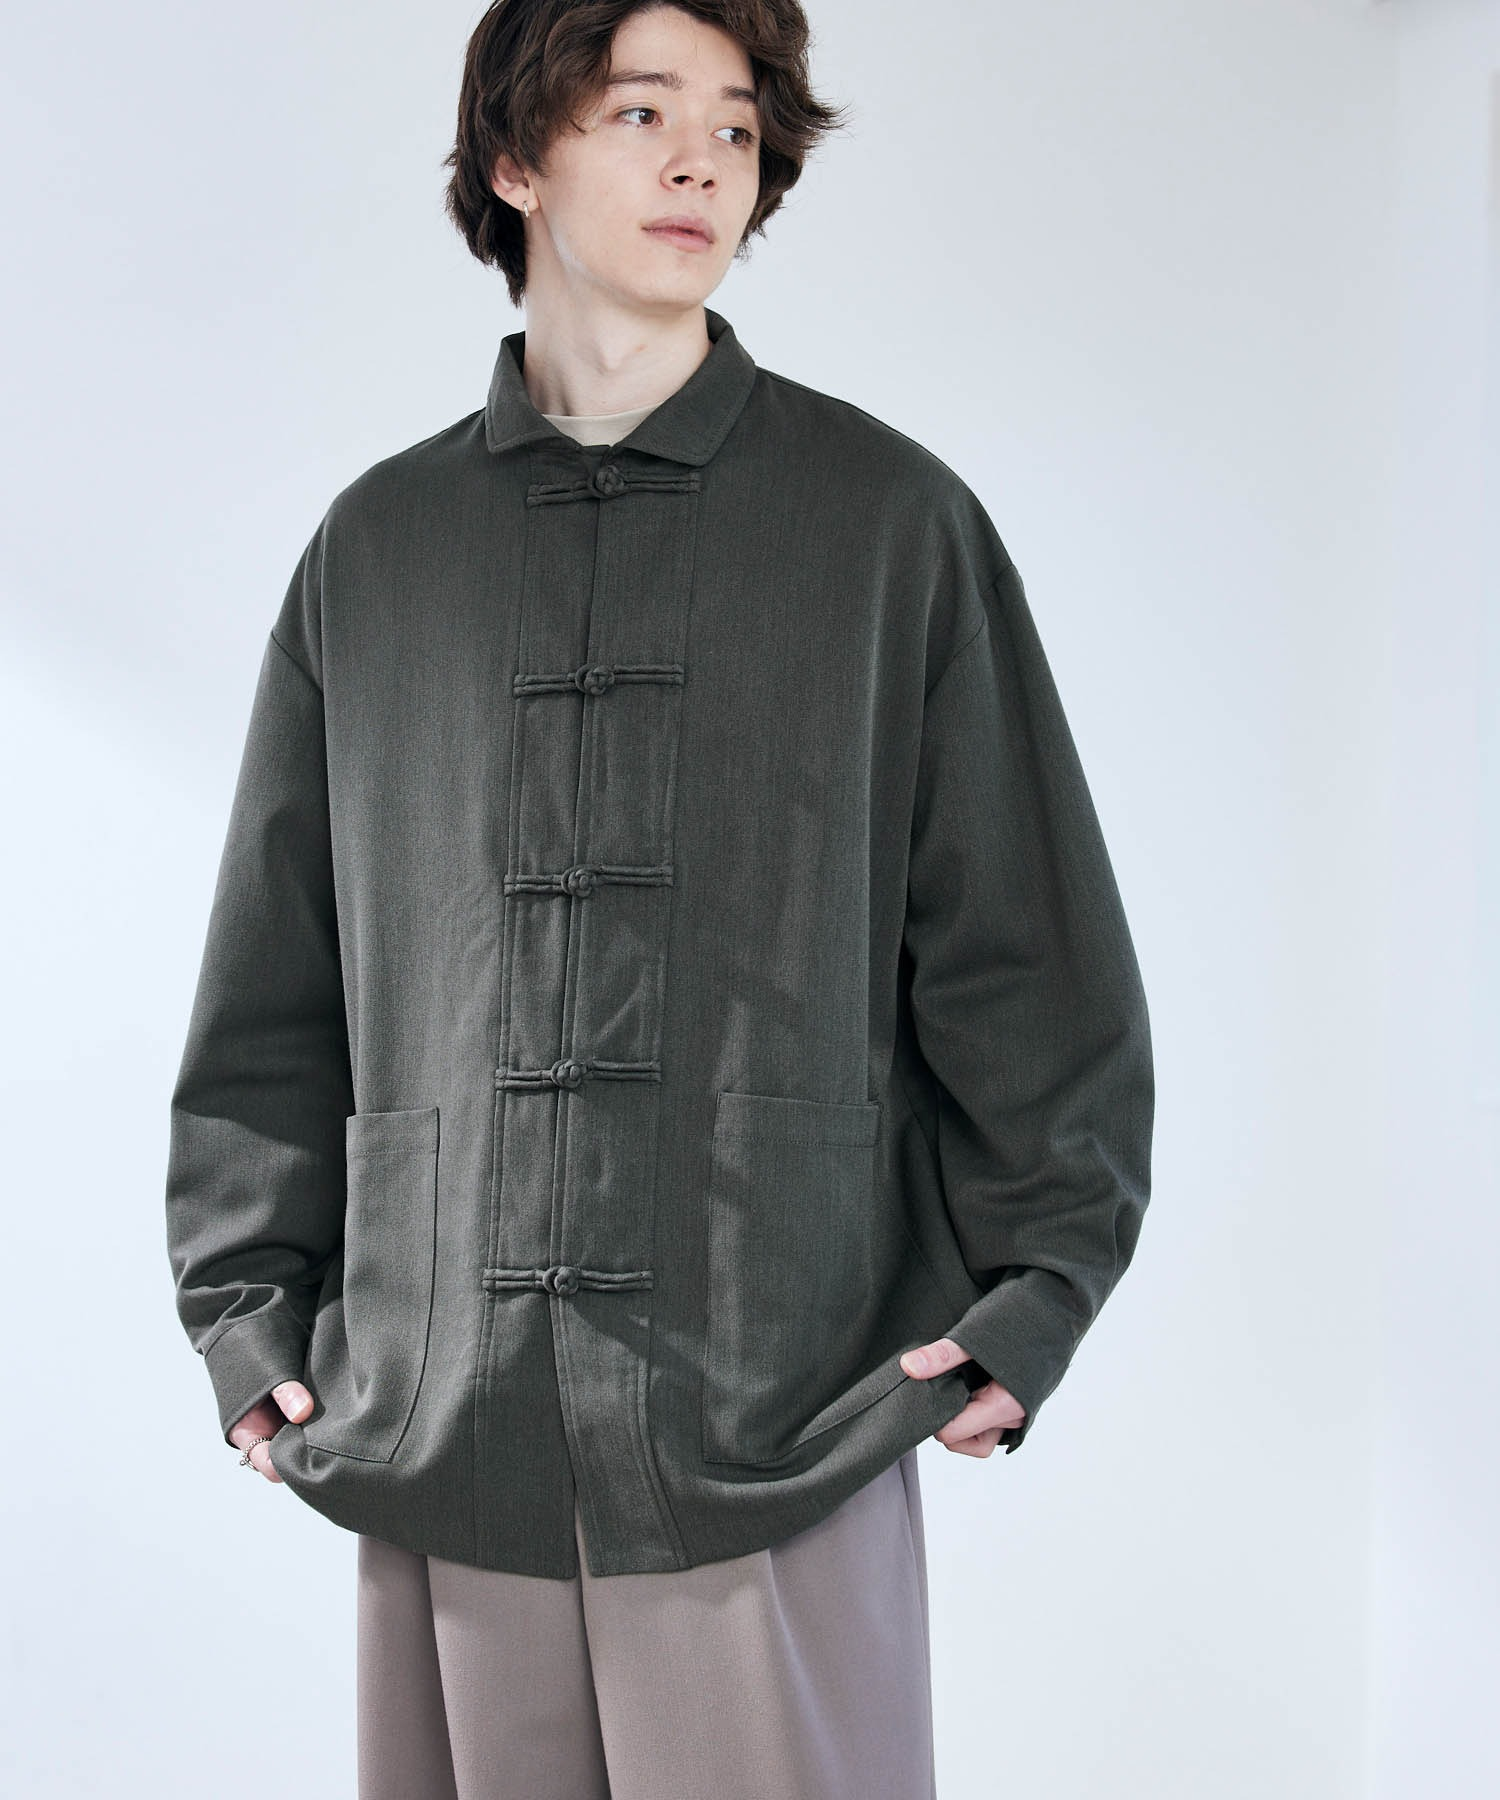 TRストレッチ ワイドスリーブ オーバーサイズ チャイナシャツ -2021SPRING-